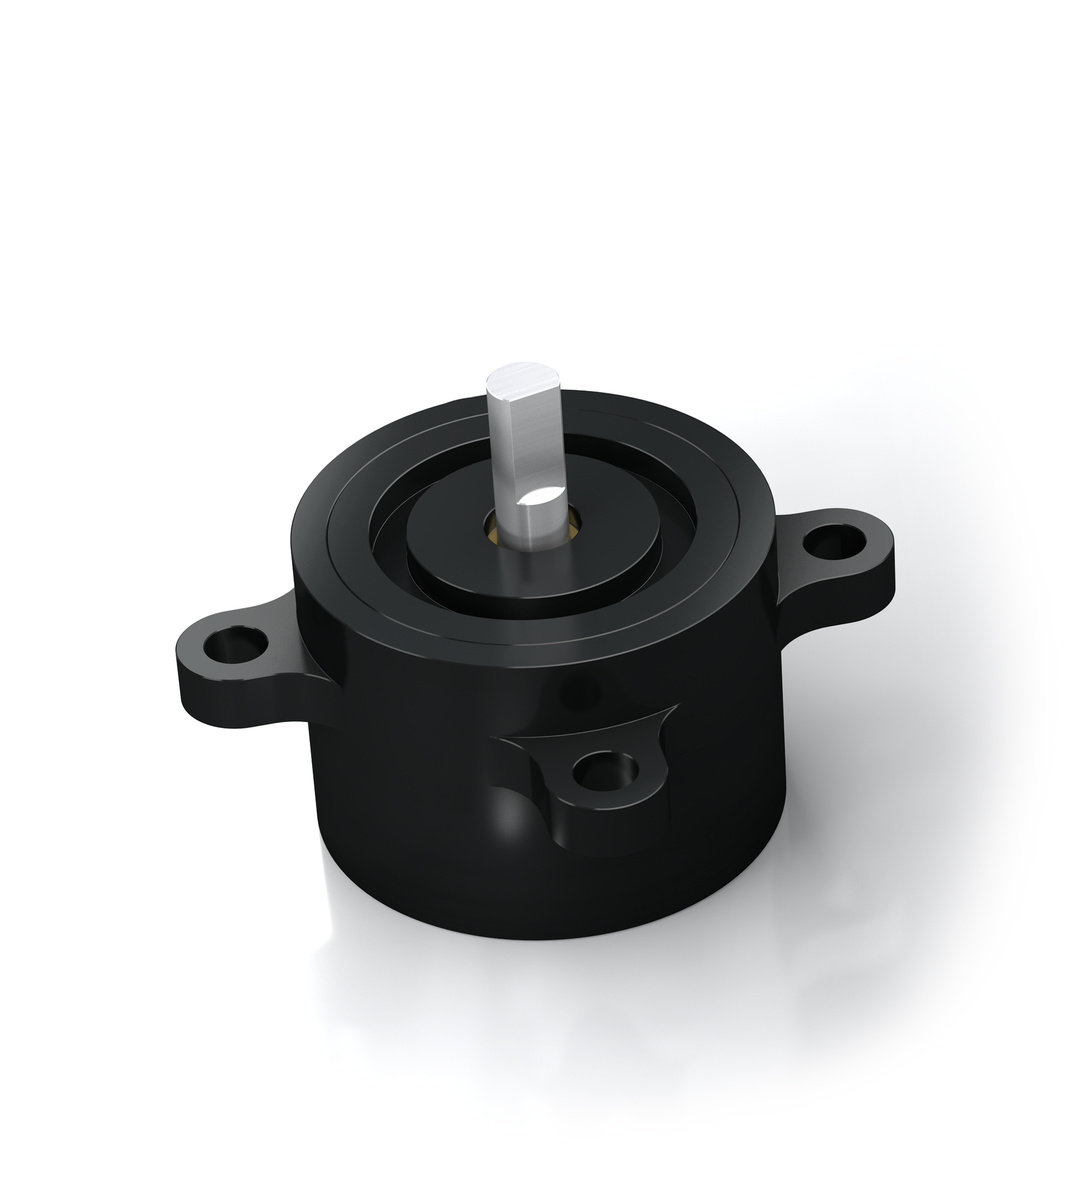 ACE Stoßdämpfer GmbH - Bild - FRT-F2/K2